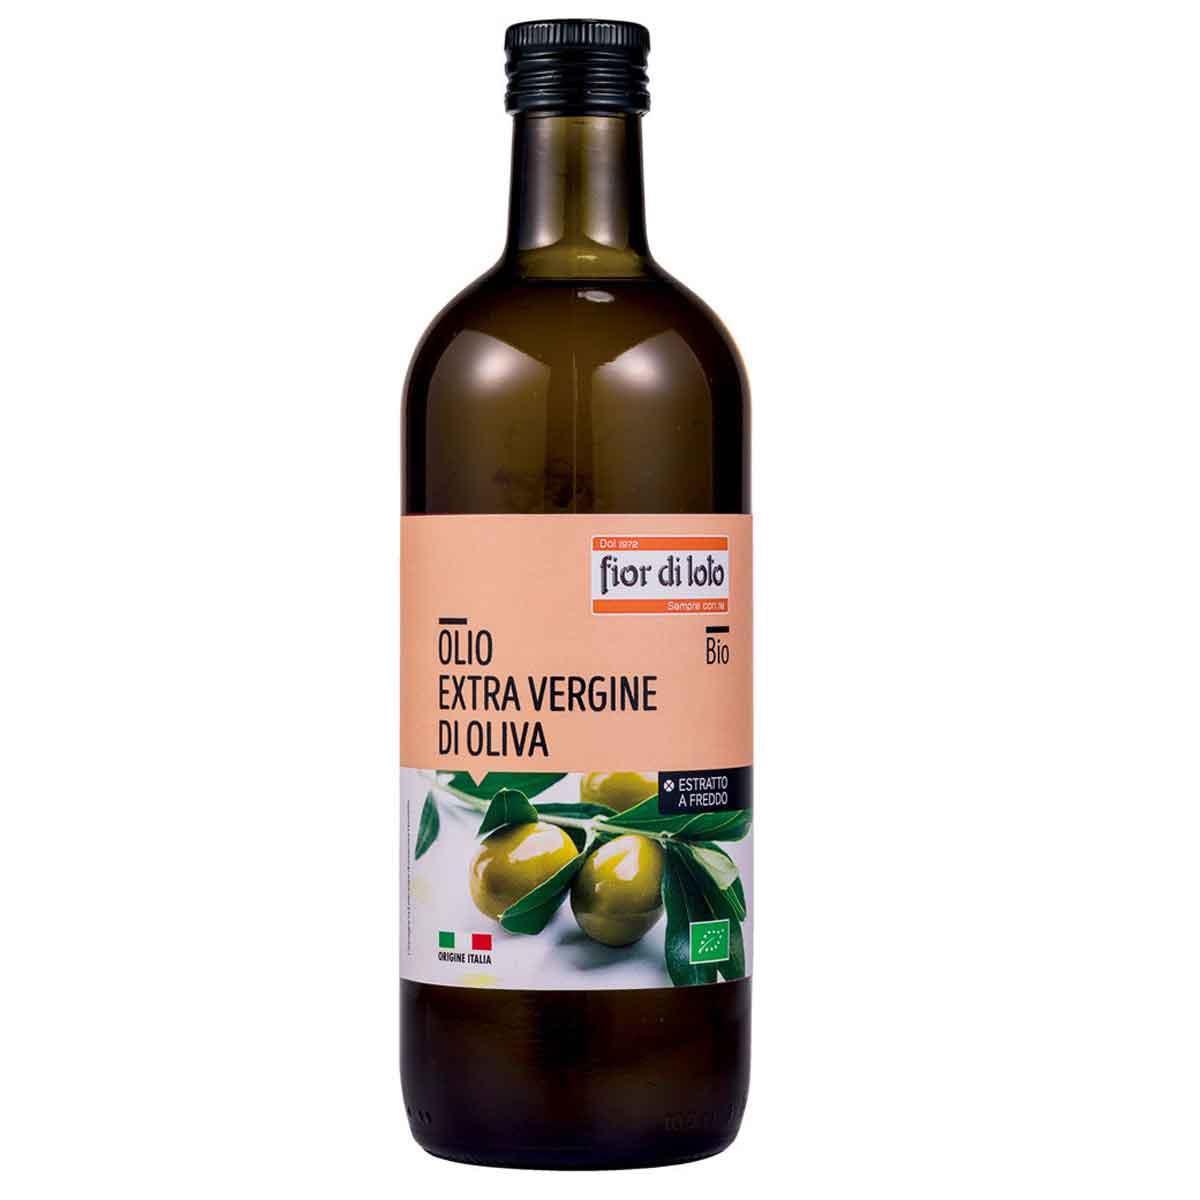 Fior di Loto Olio extra vergine di oliva